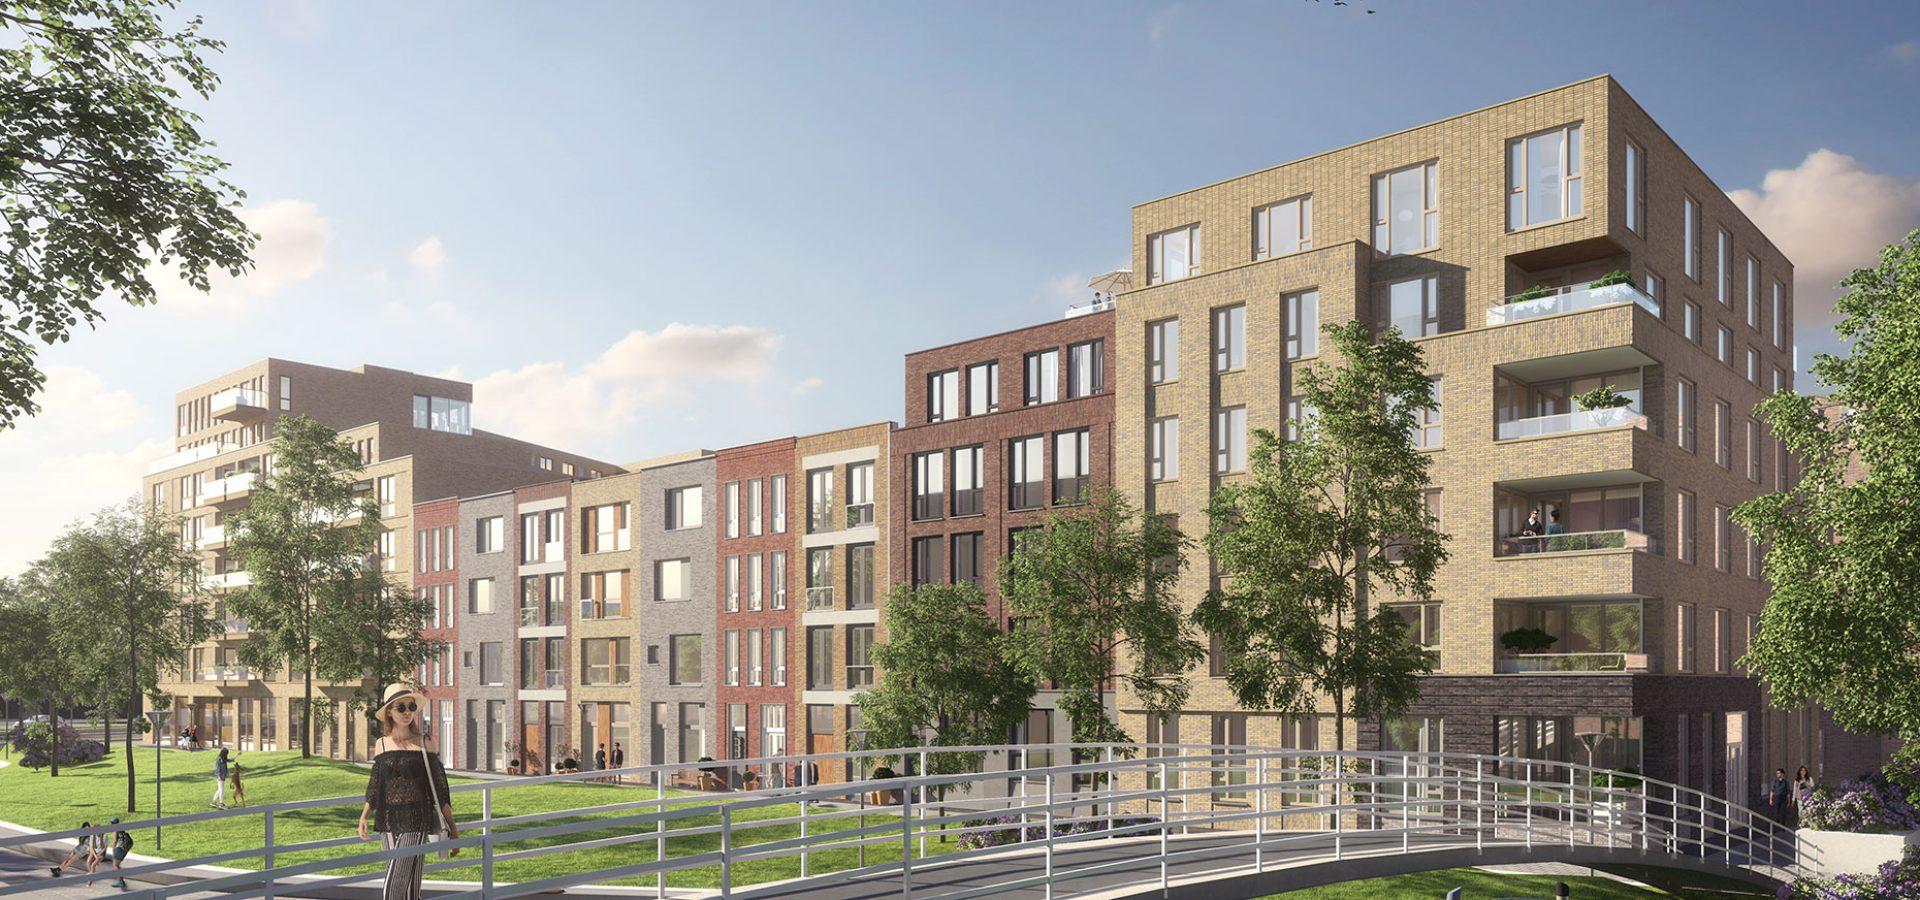 FARO architectenvan Leeuwenhoekkwartier Delft header